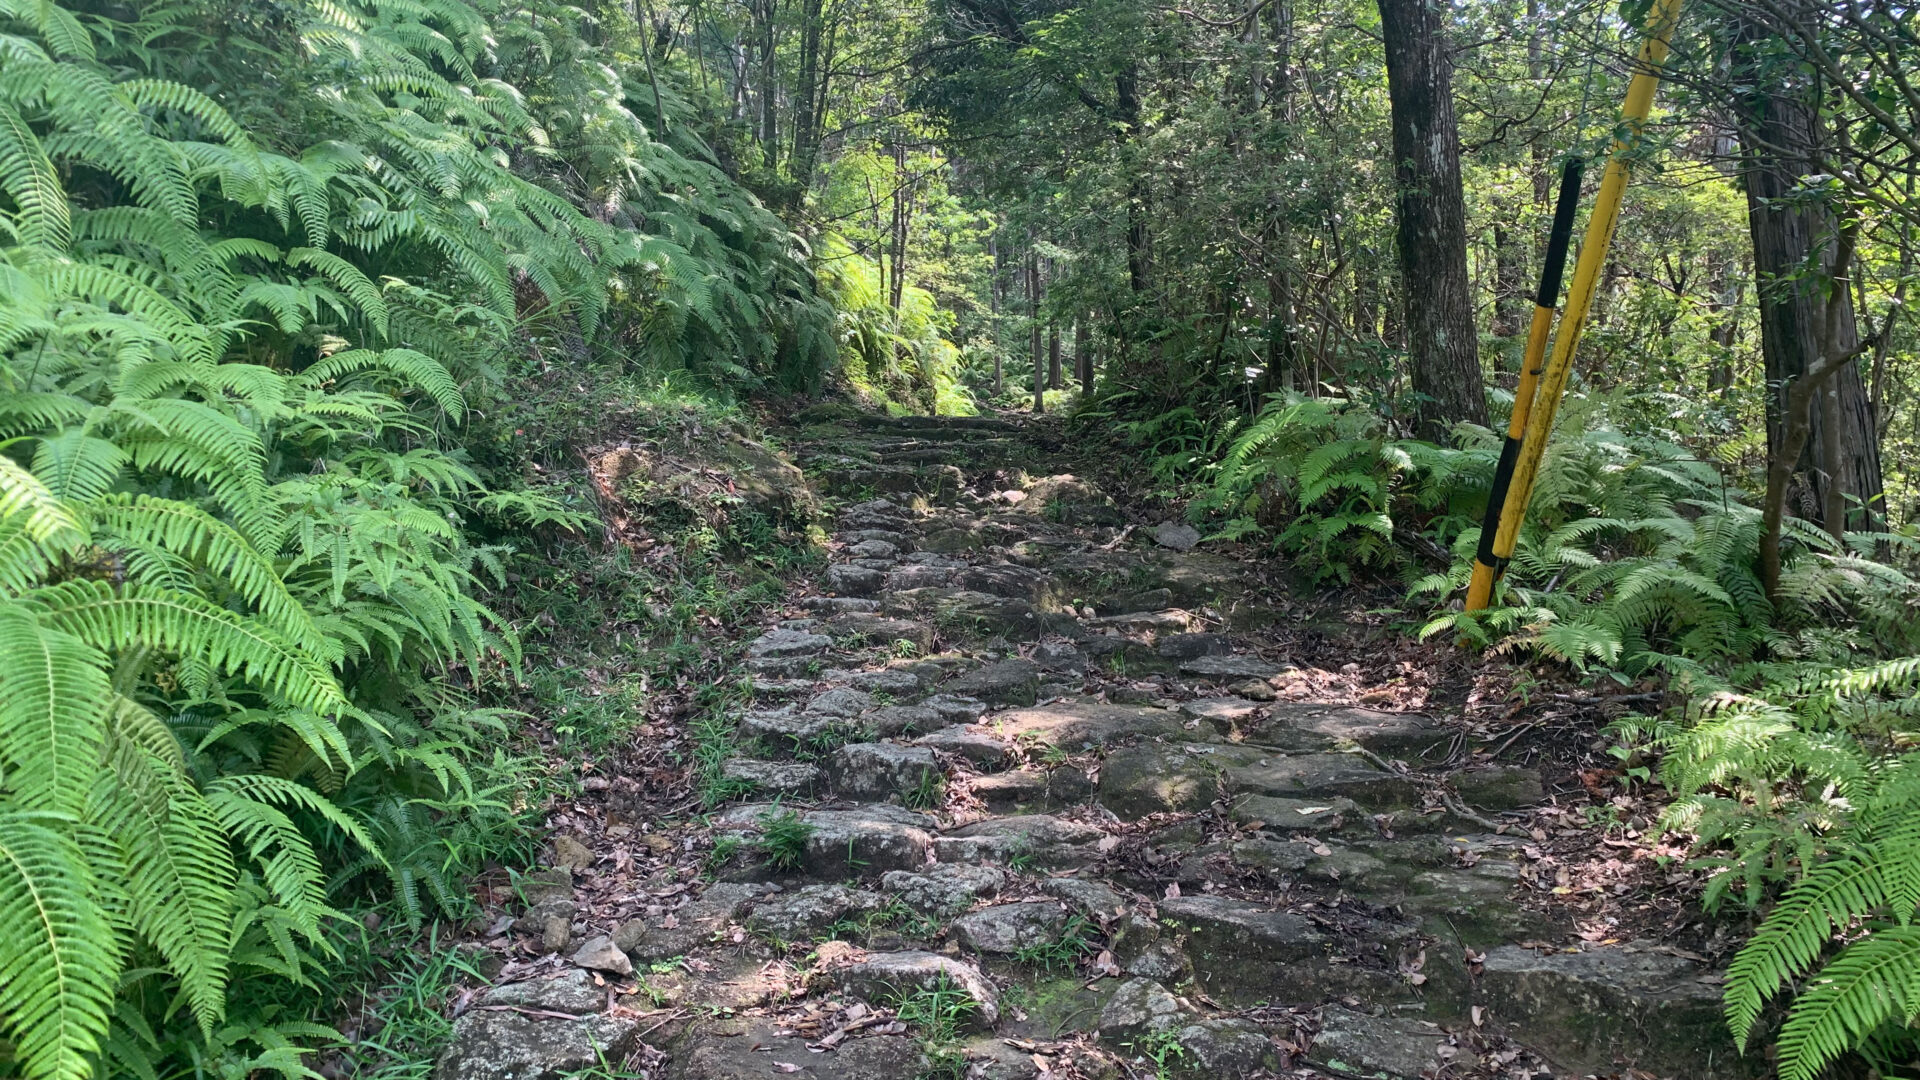 伊勢路一番人気の「馬越峠コース」にて熊野古道ウォークに初挑戦